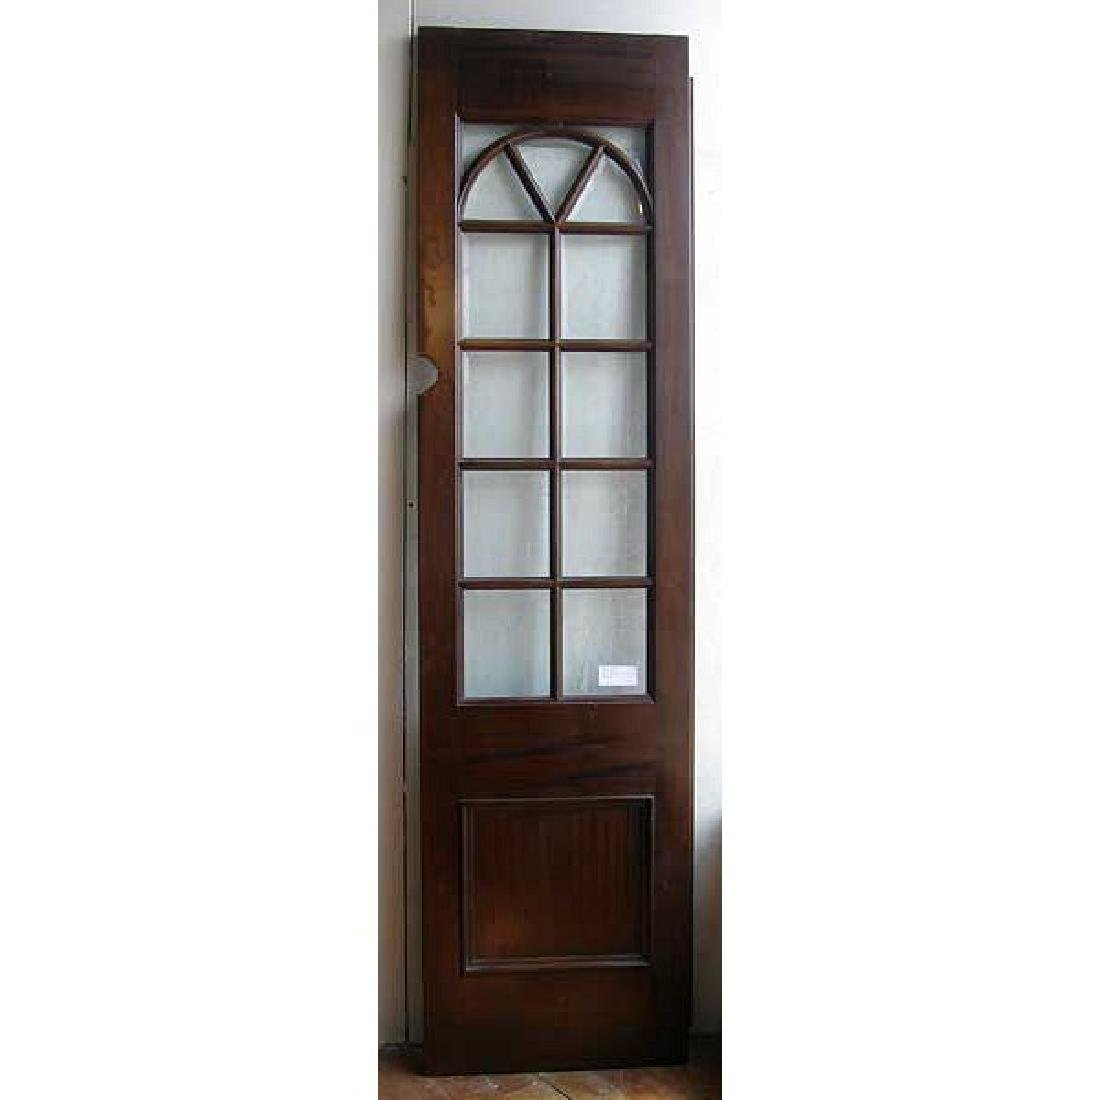 Mahogany & Beveled Glass Single French Door